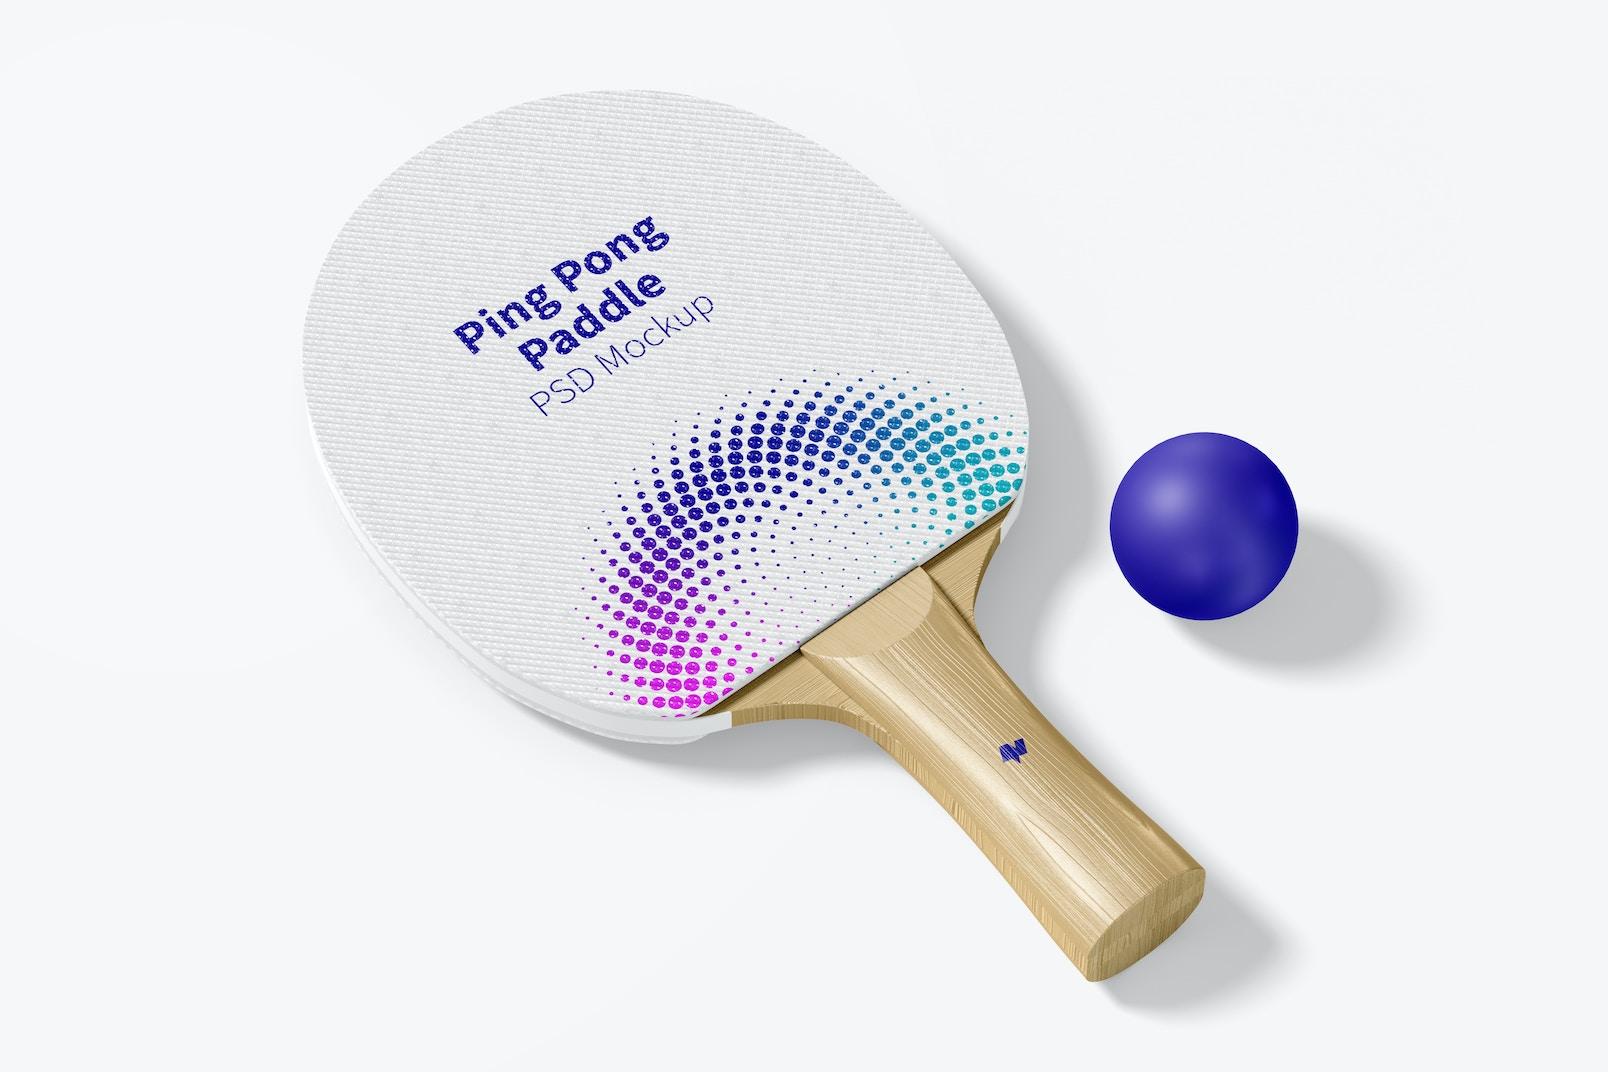 Ping Pong Paddle Mockup